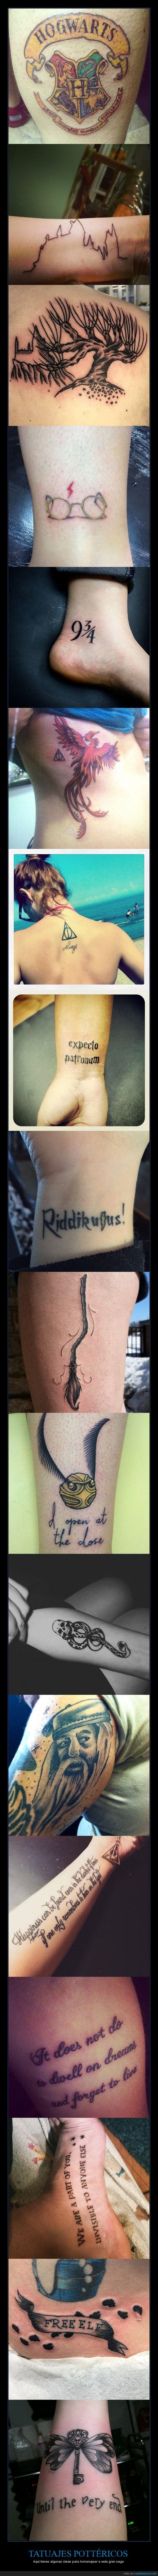 anden,Dumbledore,elfo,Harry Potter,Hogwarts,llave,sauce,snitch,tattoo,tatuaje